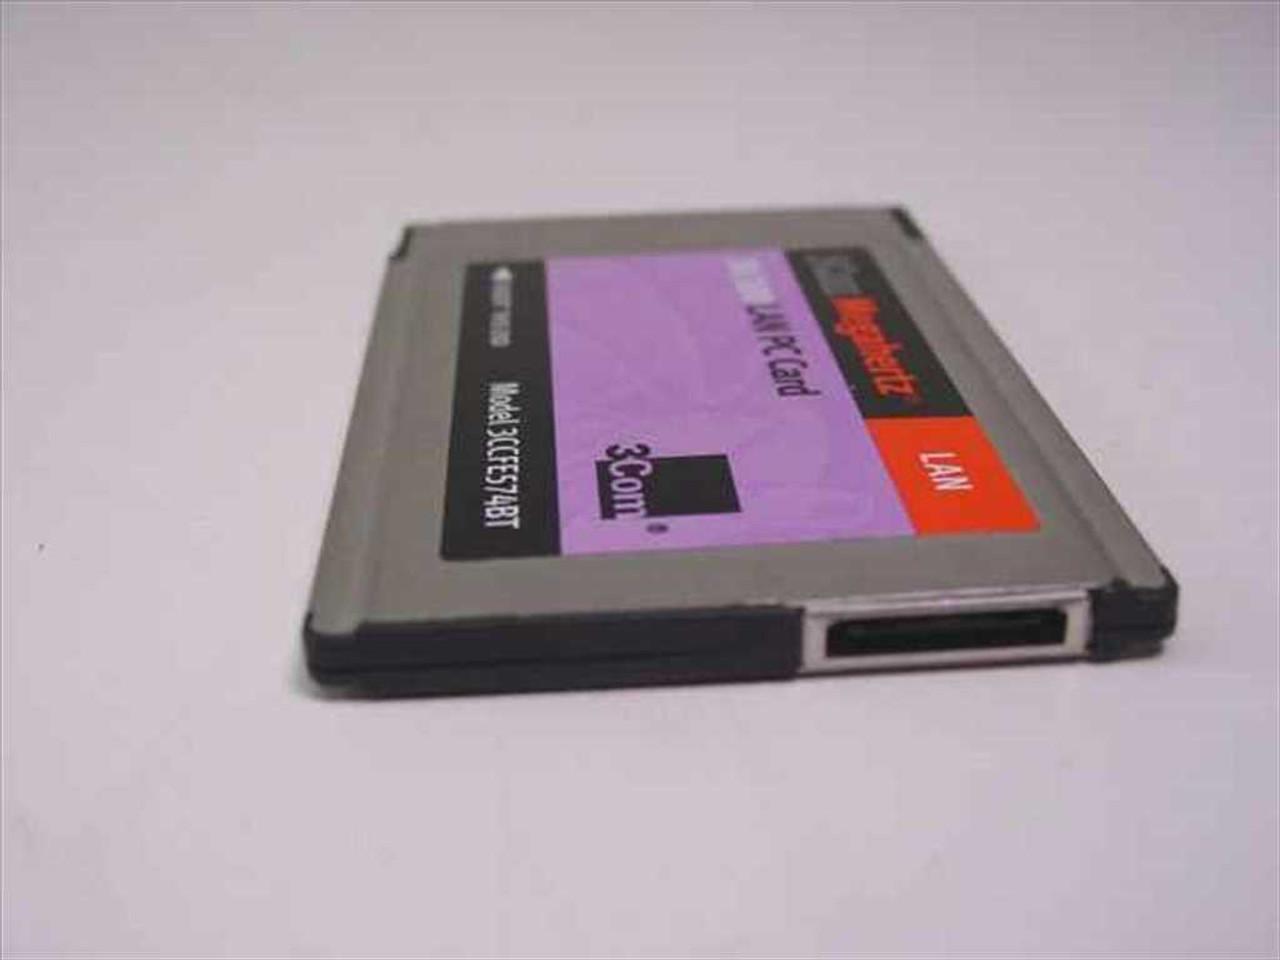 3Com 3CCFE574BT 3Com Megahertz 10/100 LAN PC Card Driver